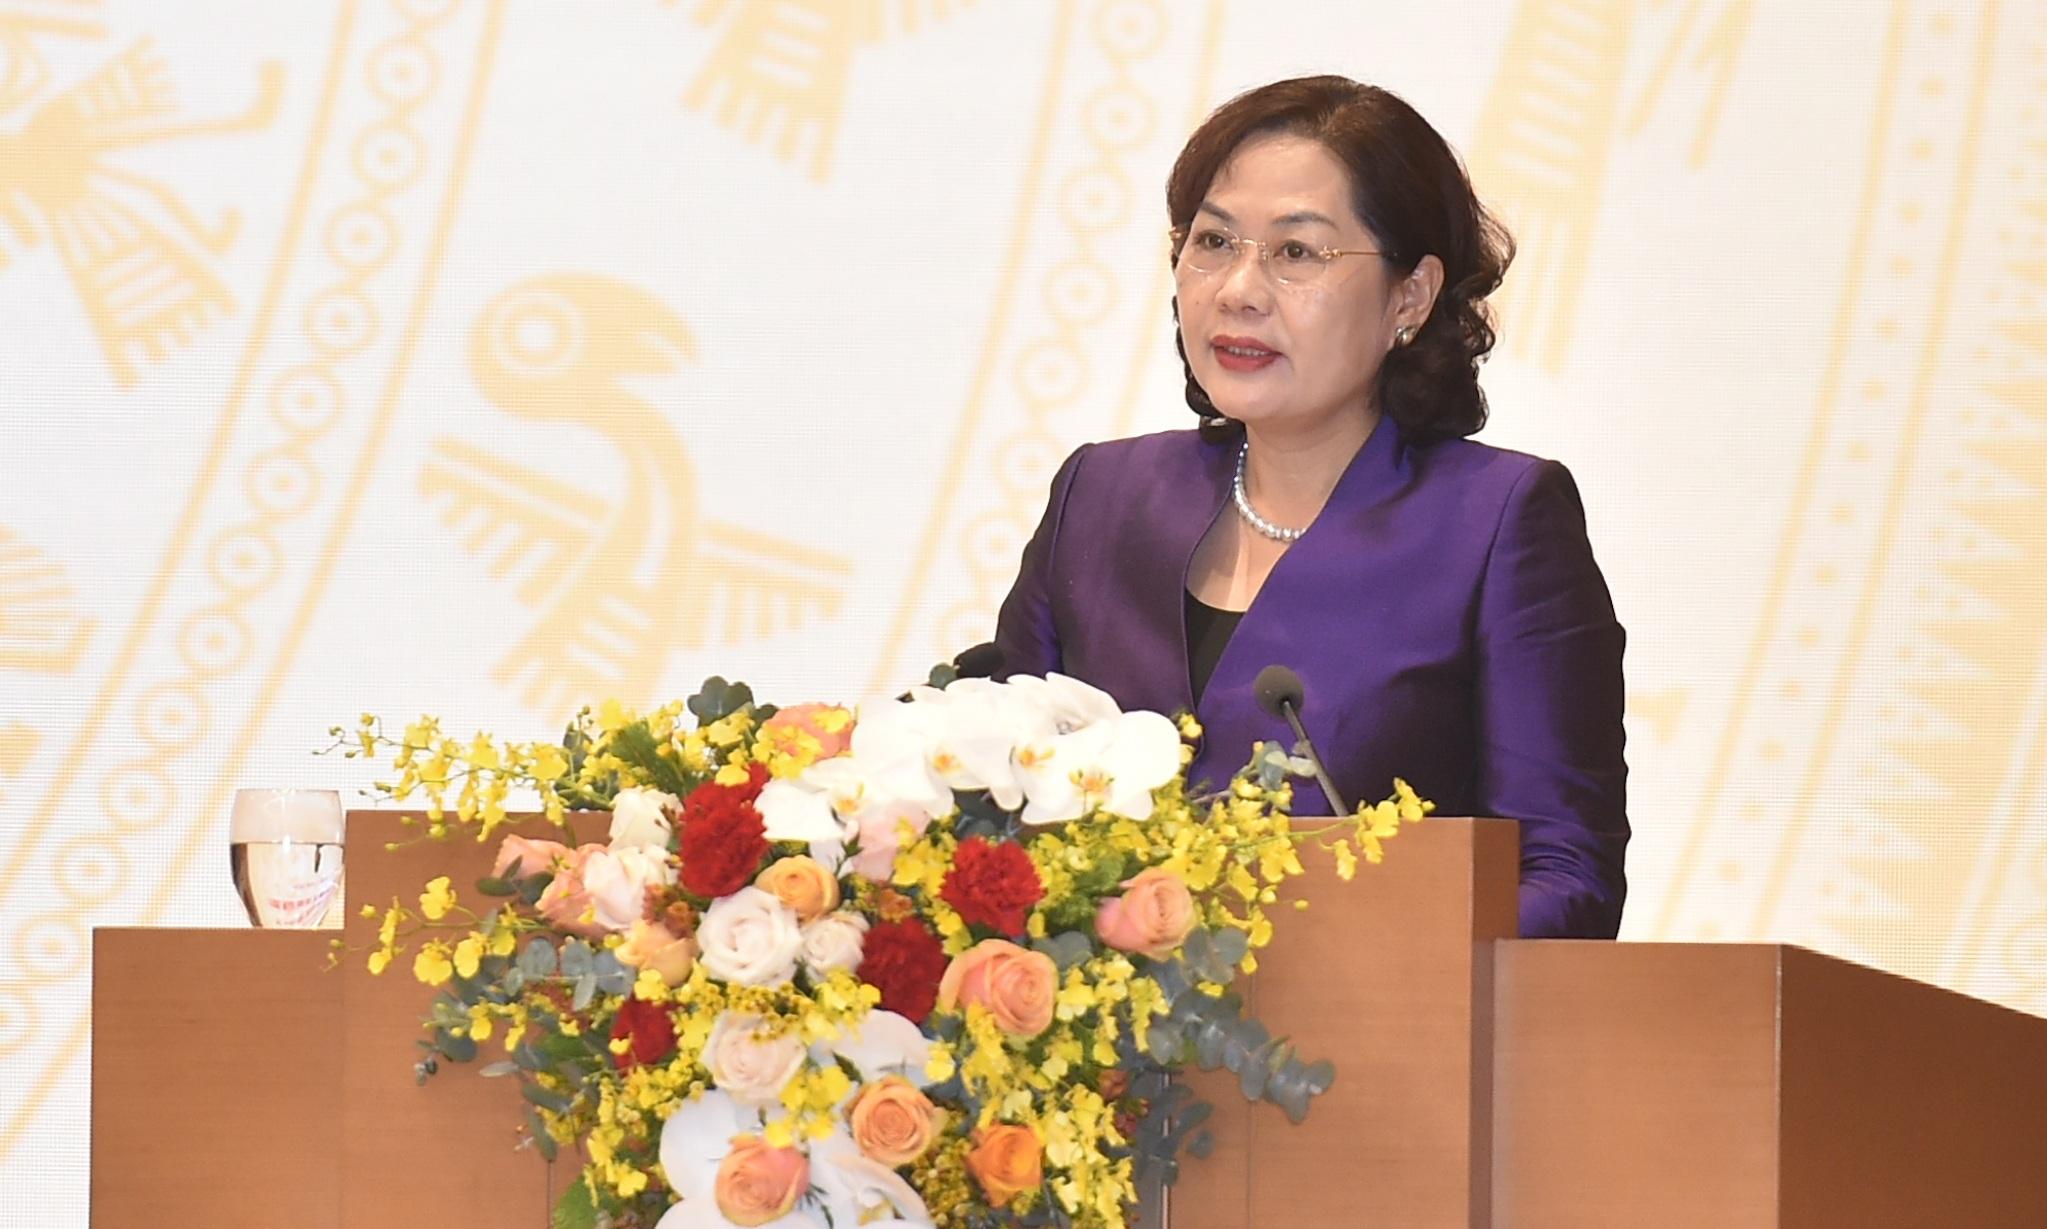 Thống đốc NHNN: Năm 2021 ngành ngân hàng sẽ giảm chỉ tiêu lợi nhuận để hạ lãi vay